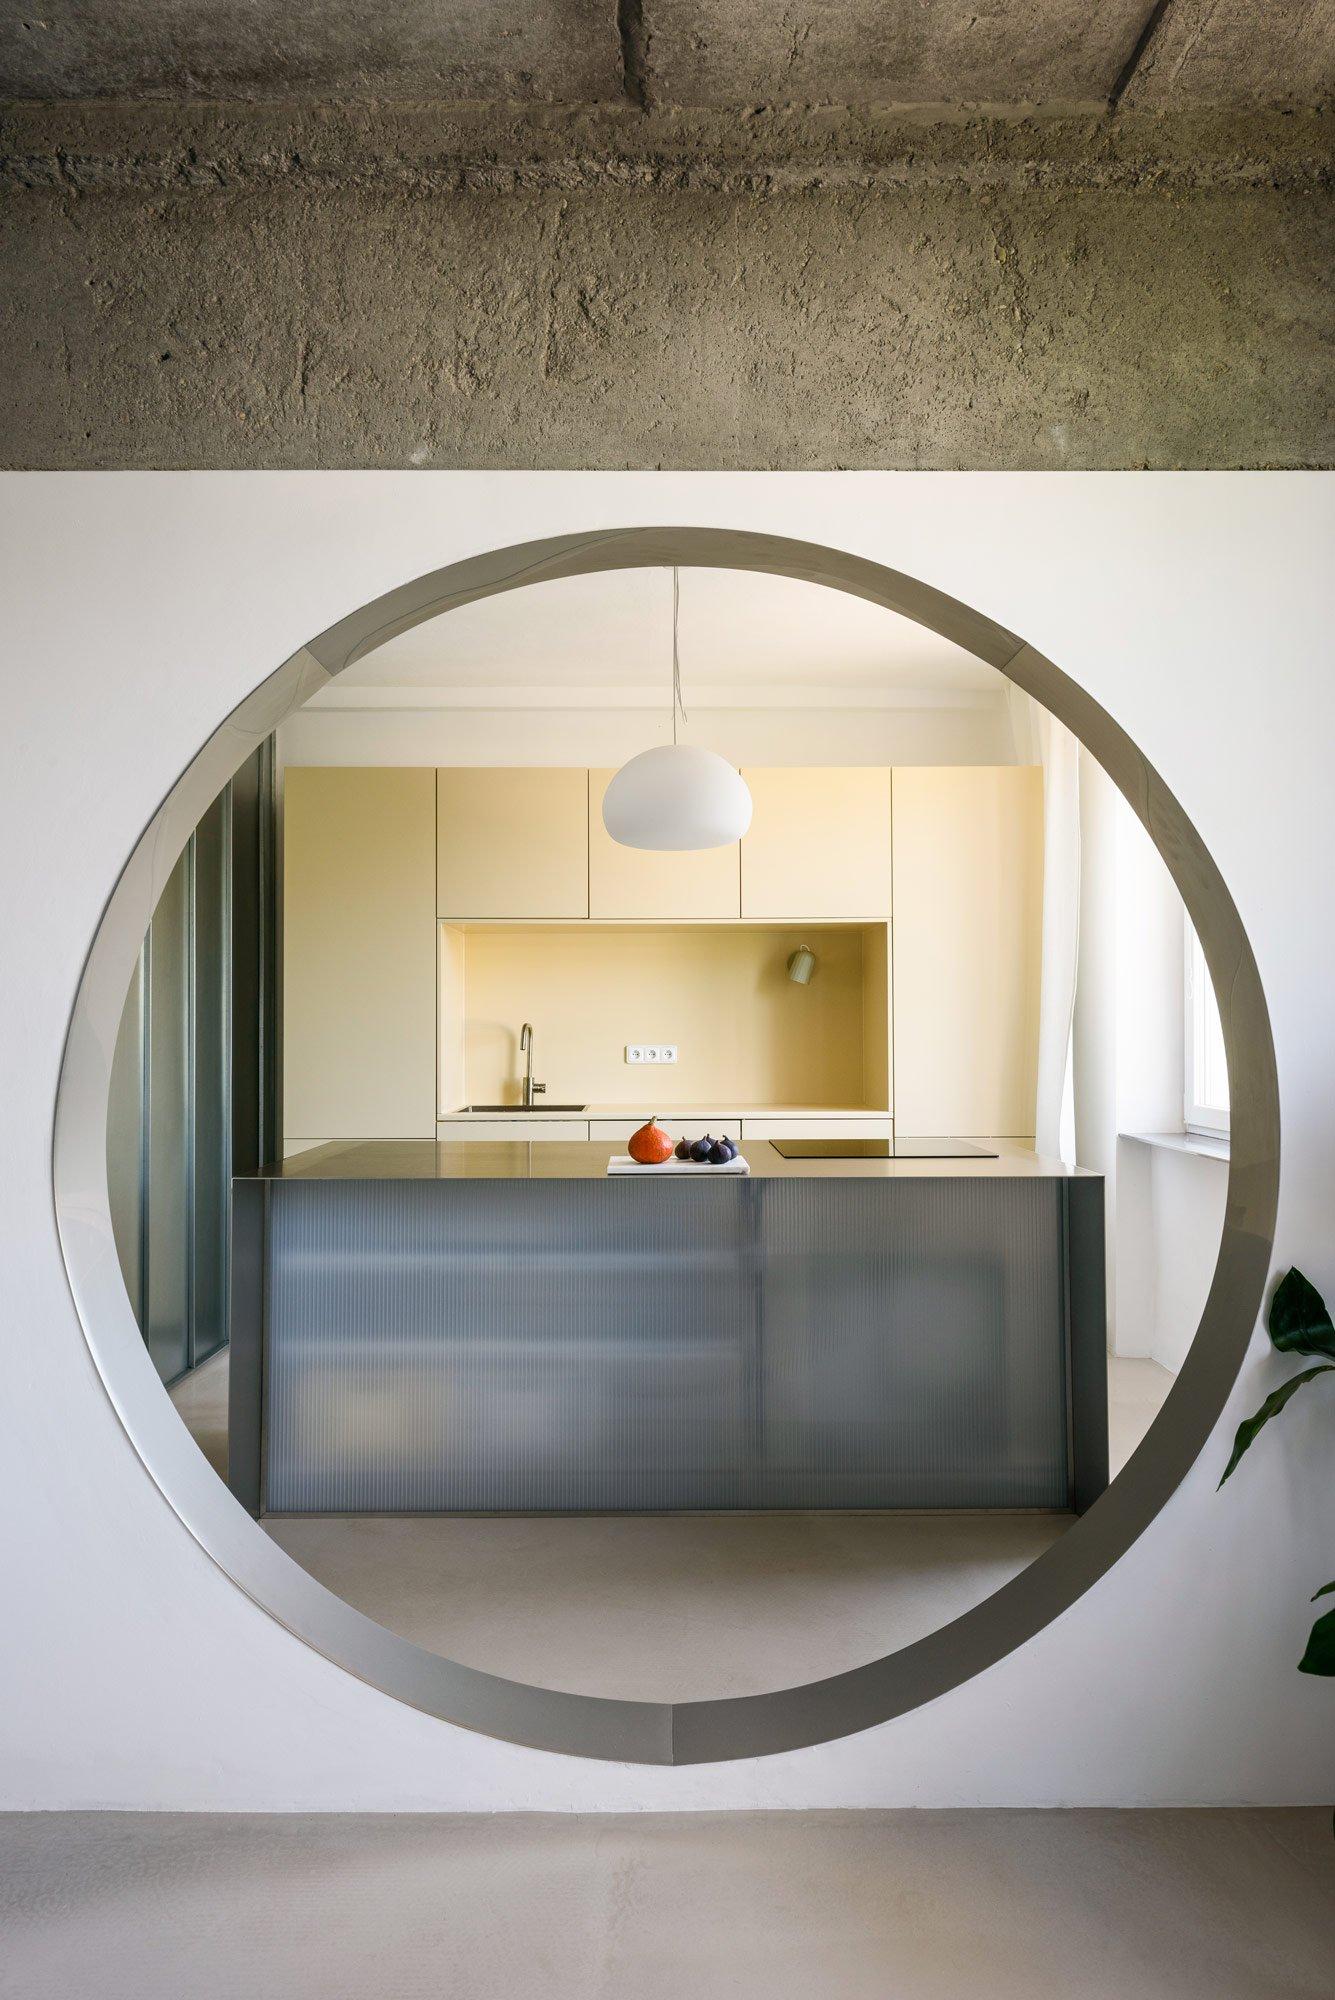 Wohnungsumbau in Bratislava von Alan Prekop